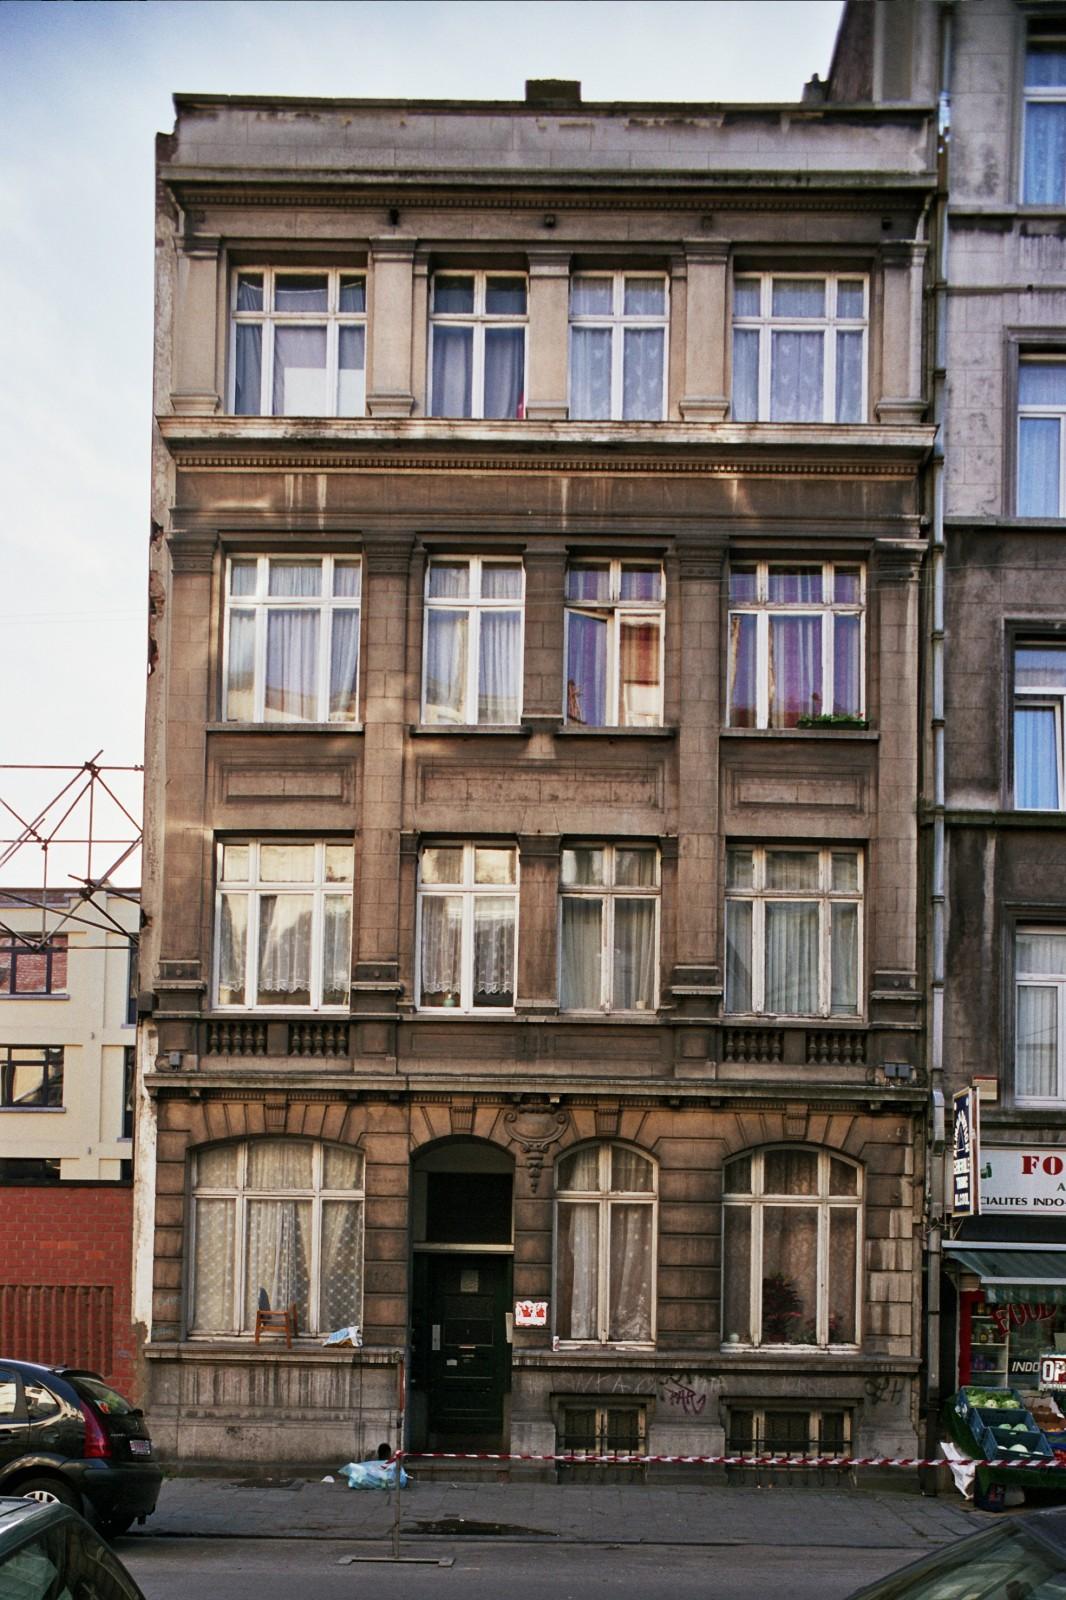 Rue de Mérode 62., 1997